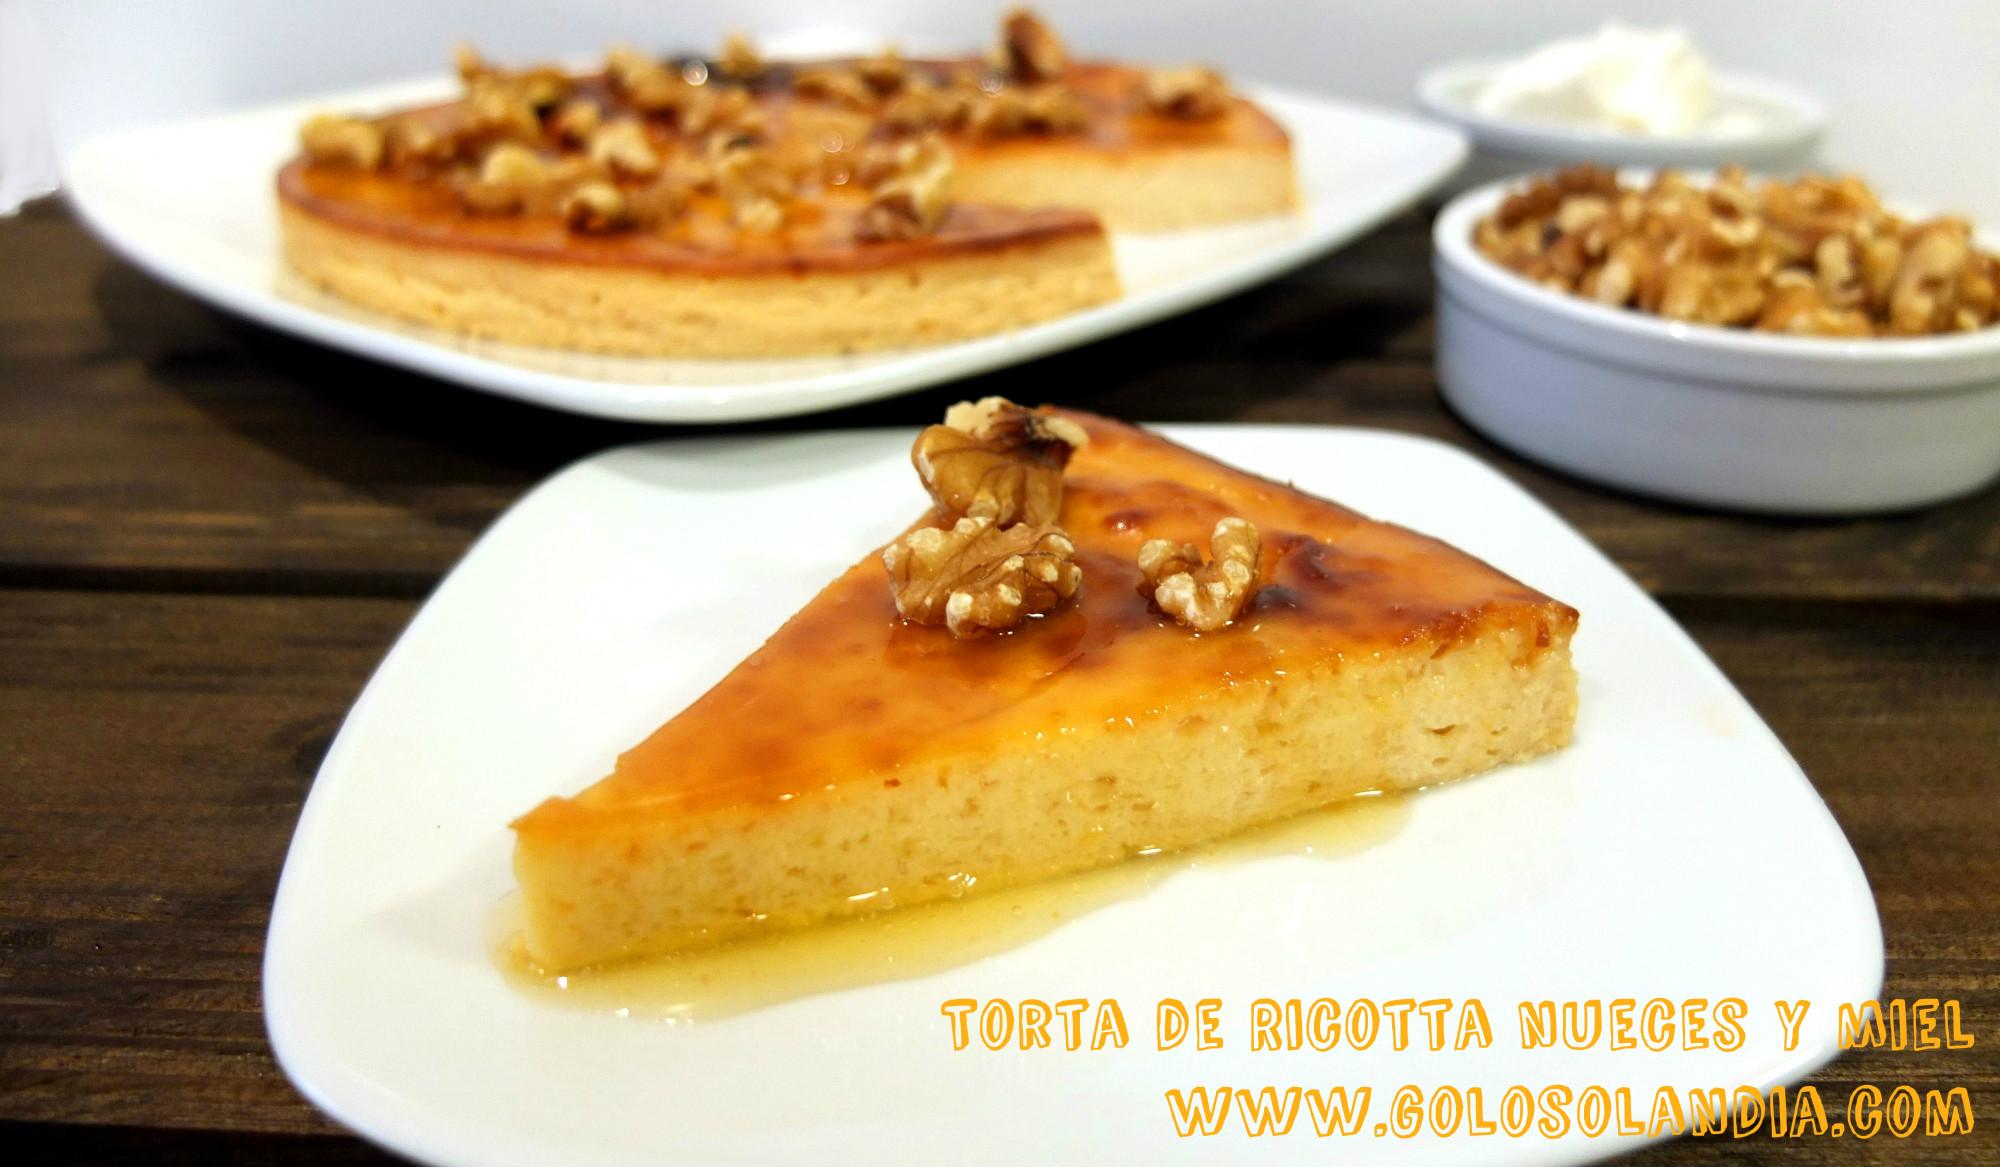 Torta de Ricotta nueces y miel